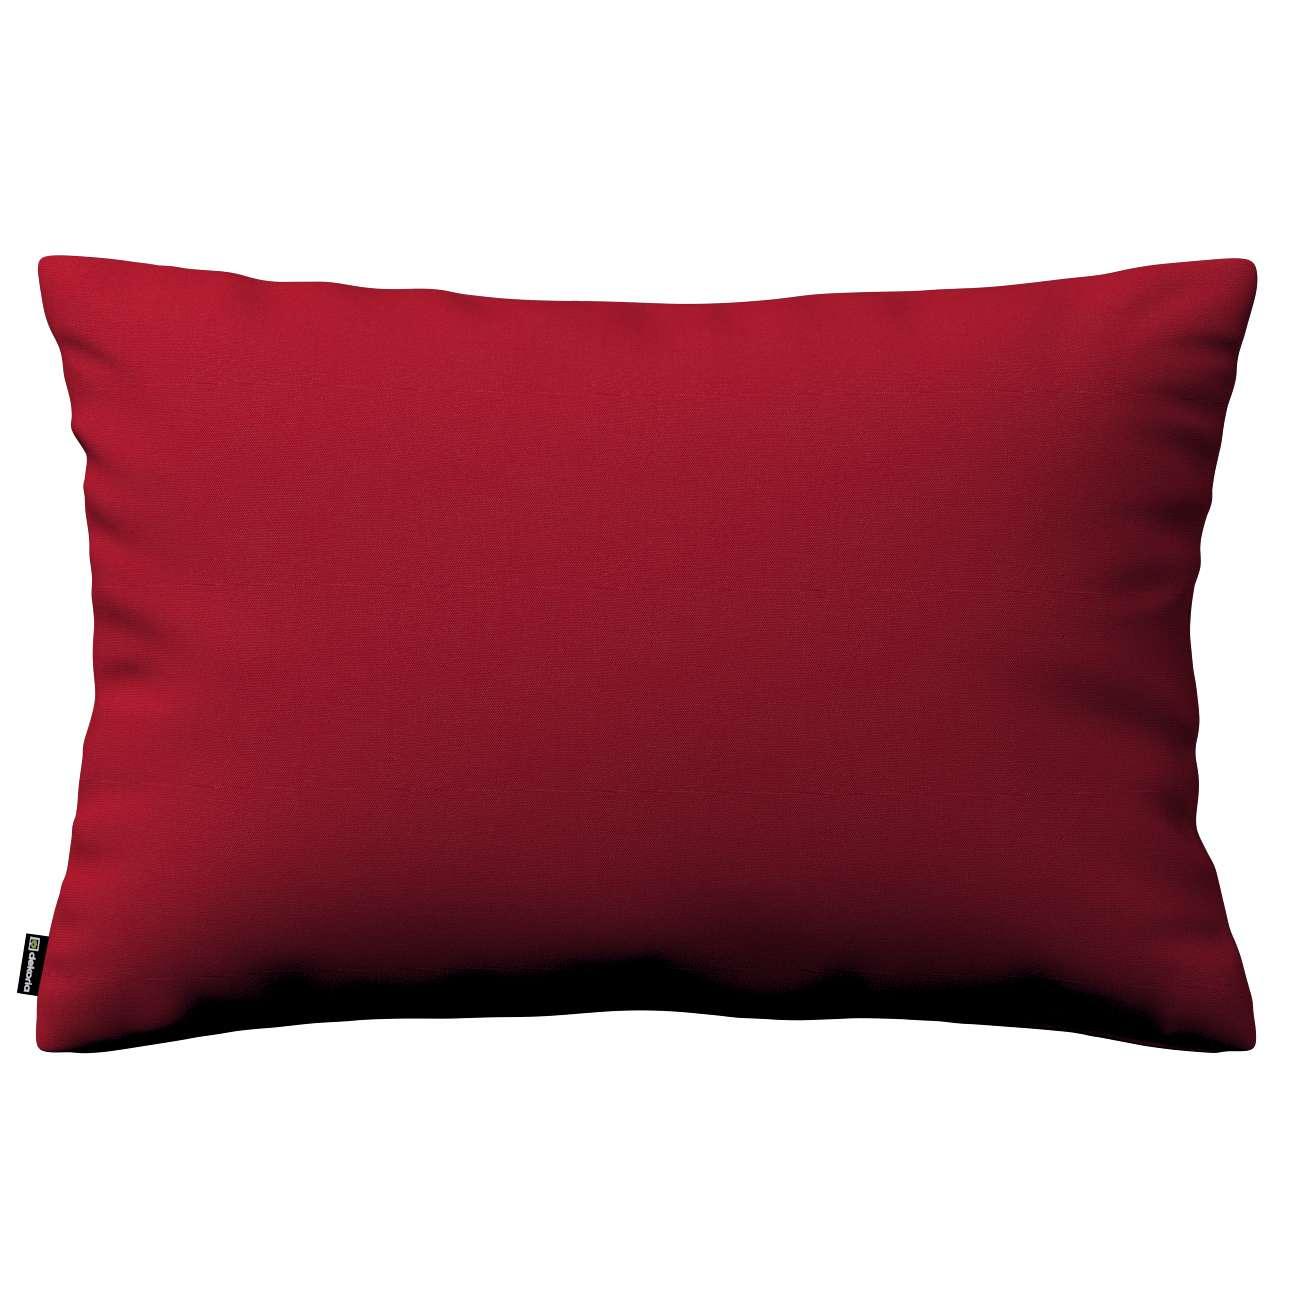 Poszewka Kinga na poduszkę prostokątną 60 x 40 cm w kolekcji Etna , tkanina: 705-60